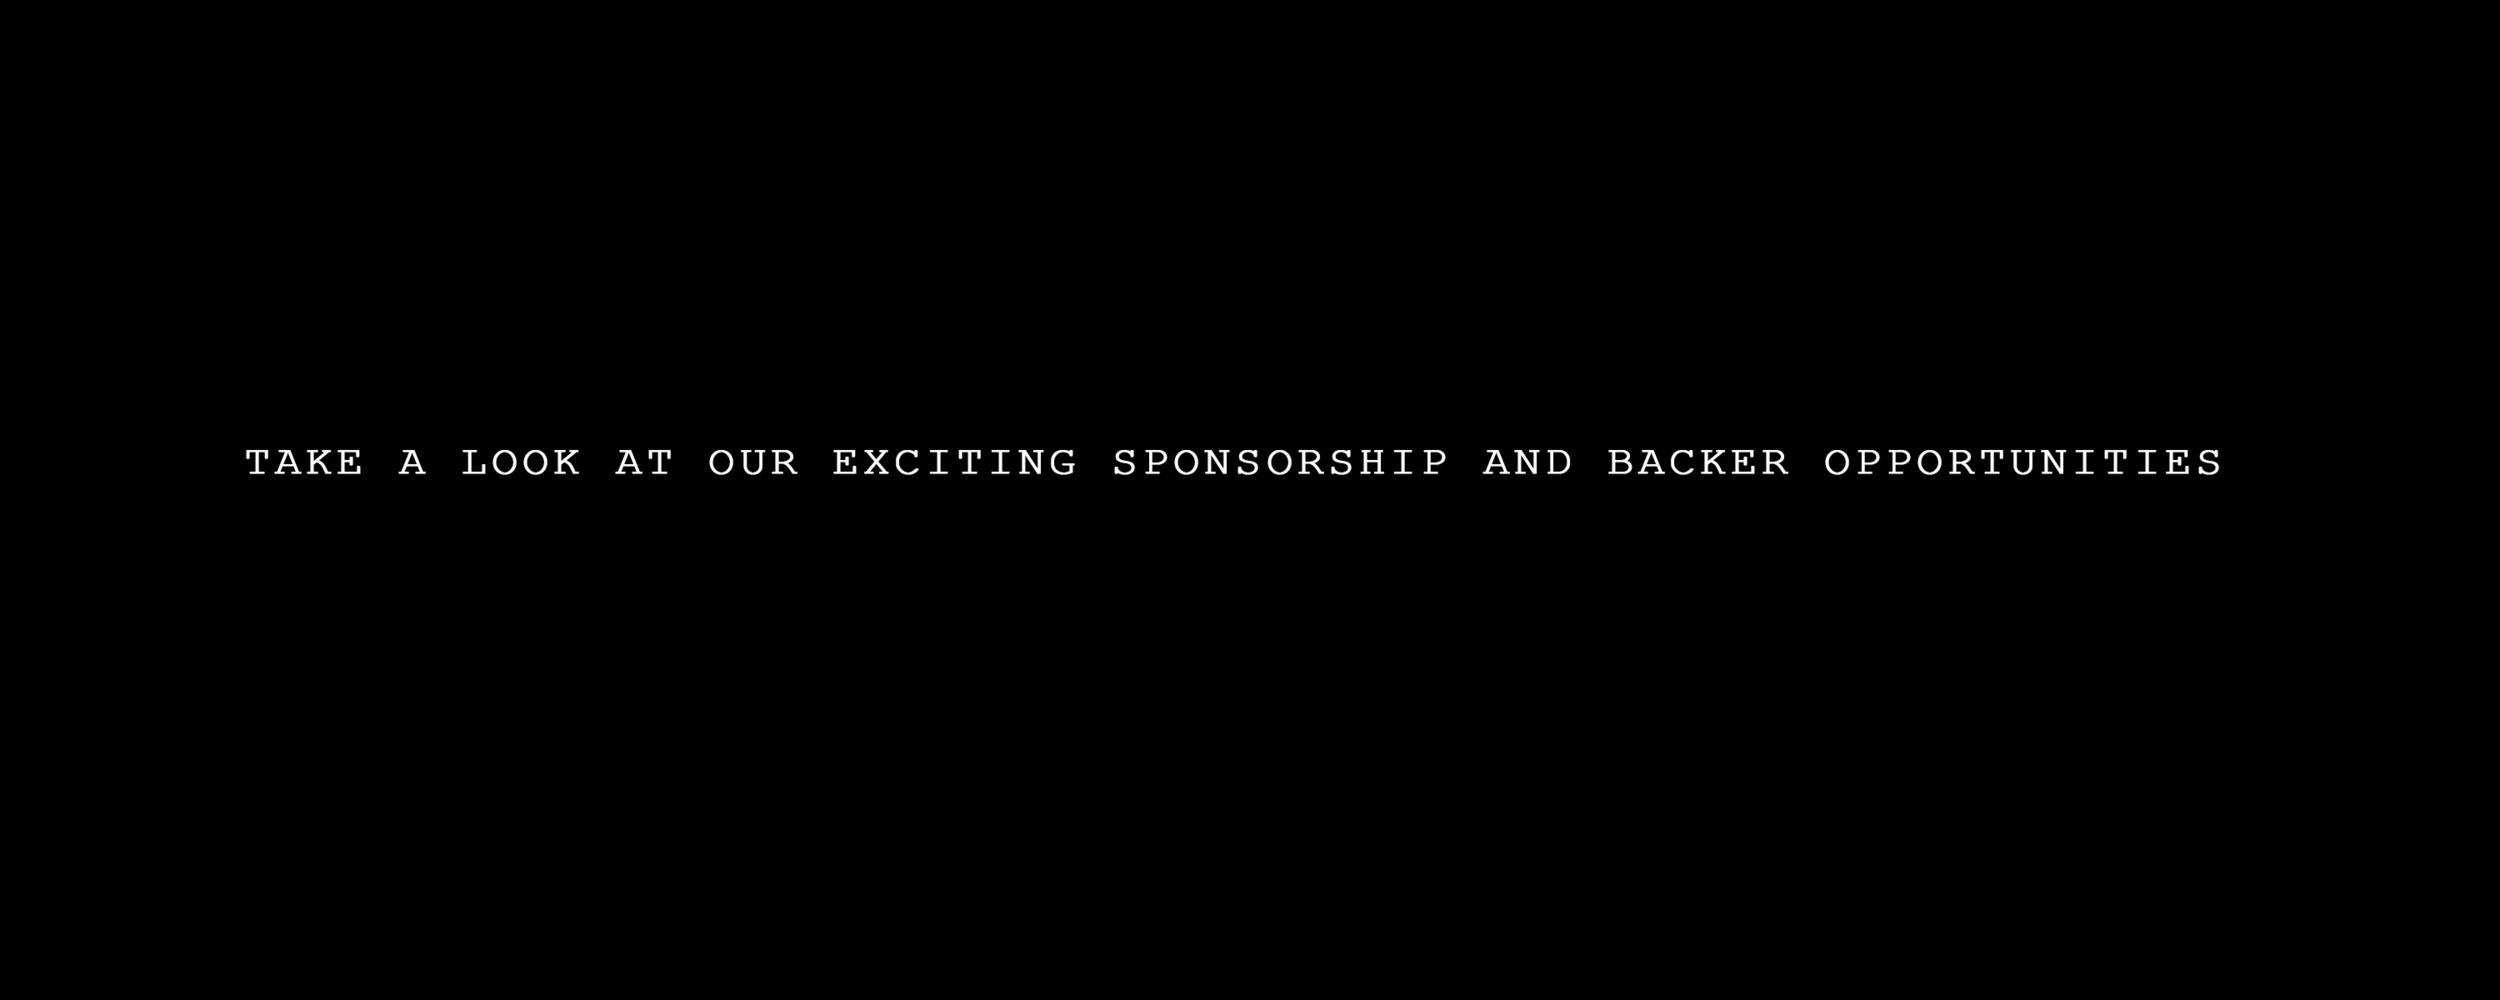 Sponsor_logline1_black.png